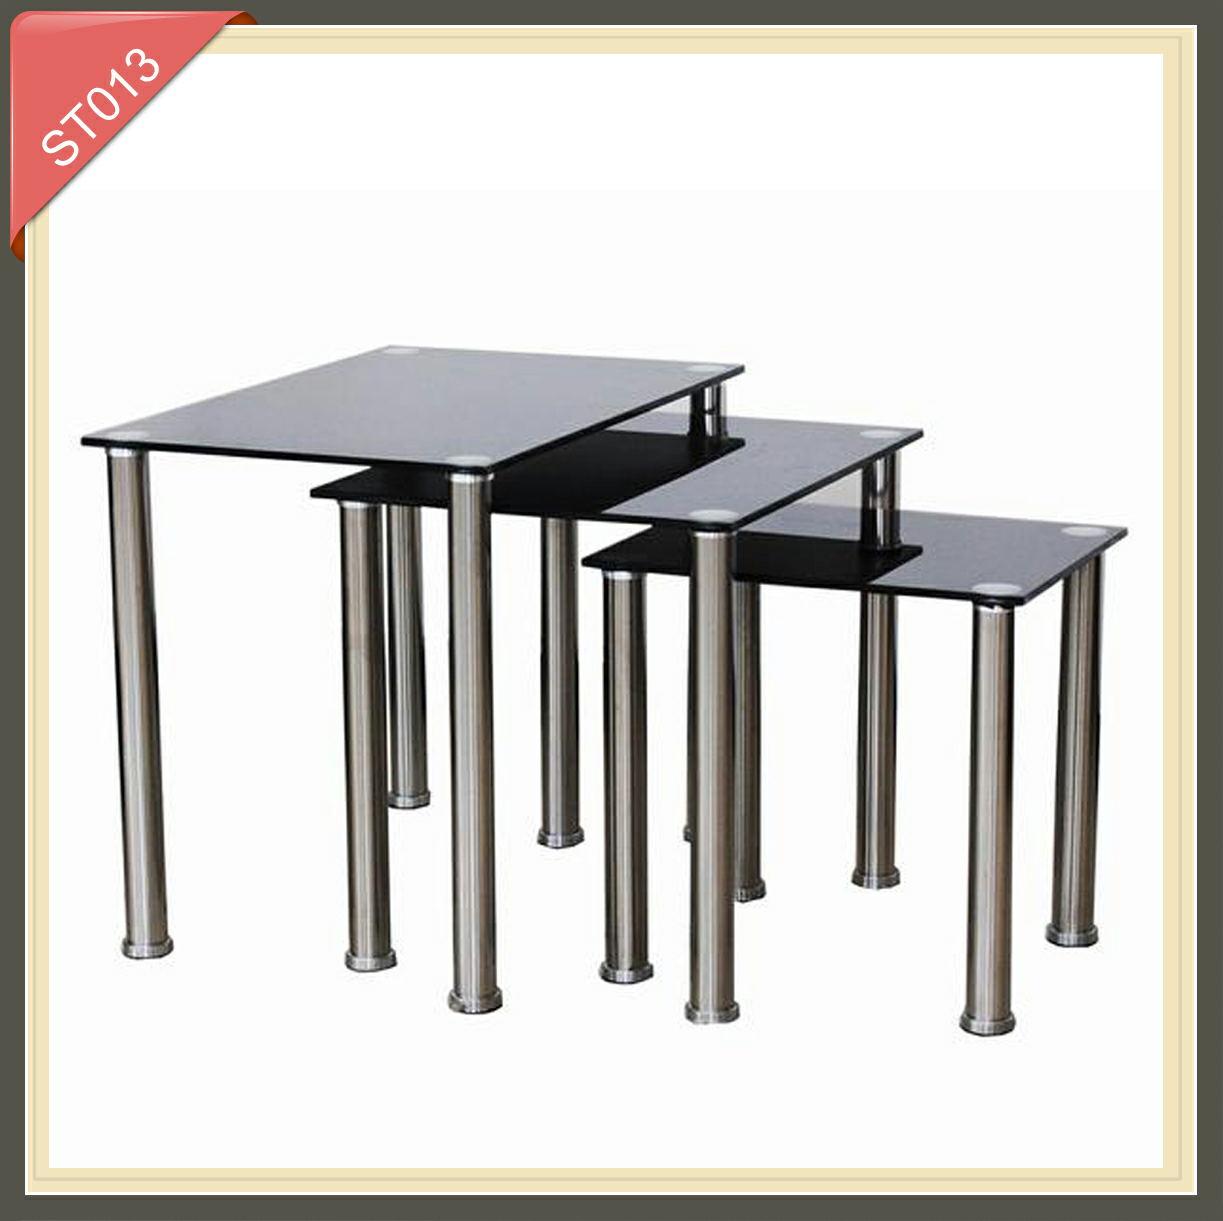 작은 등나무 나무 벽 사이드 테이블 사이드 테이블 사이드 ...